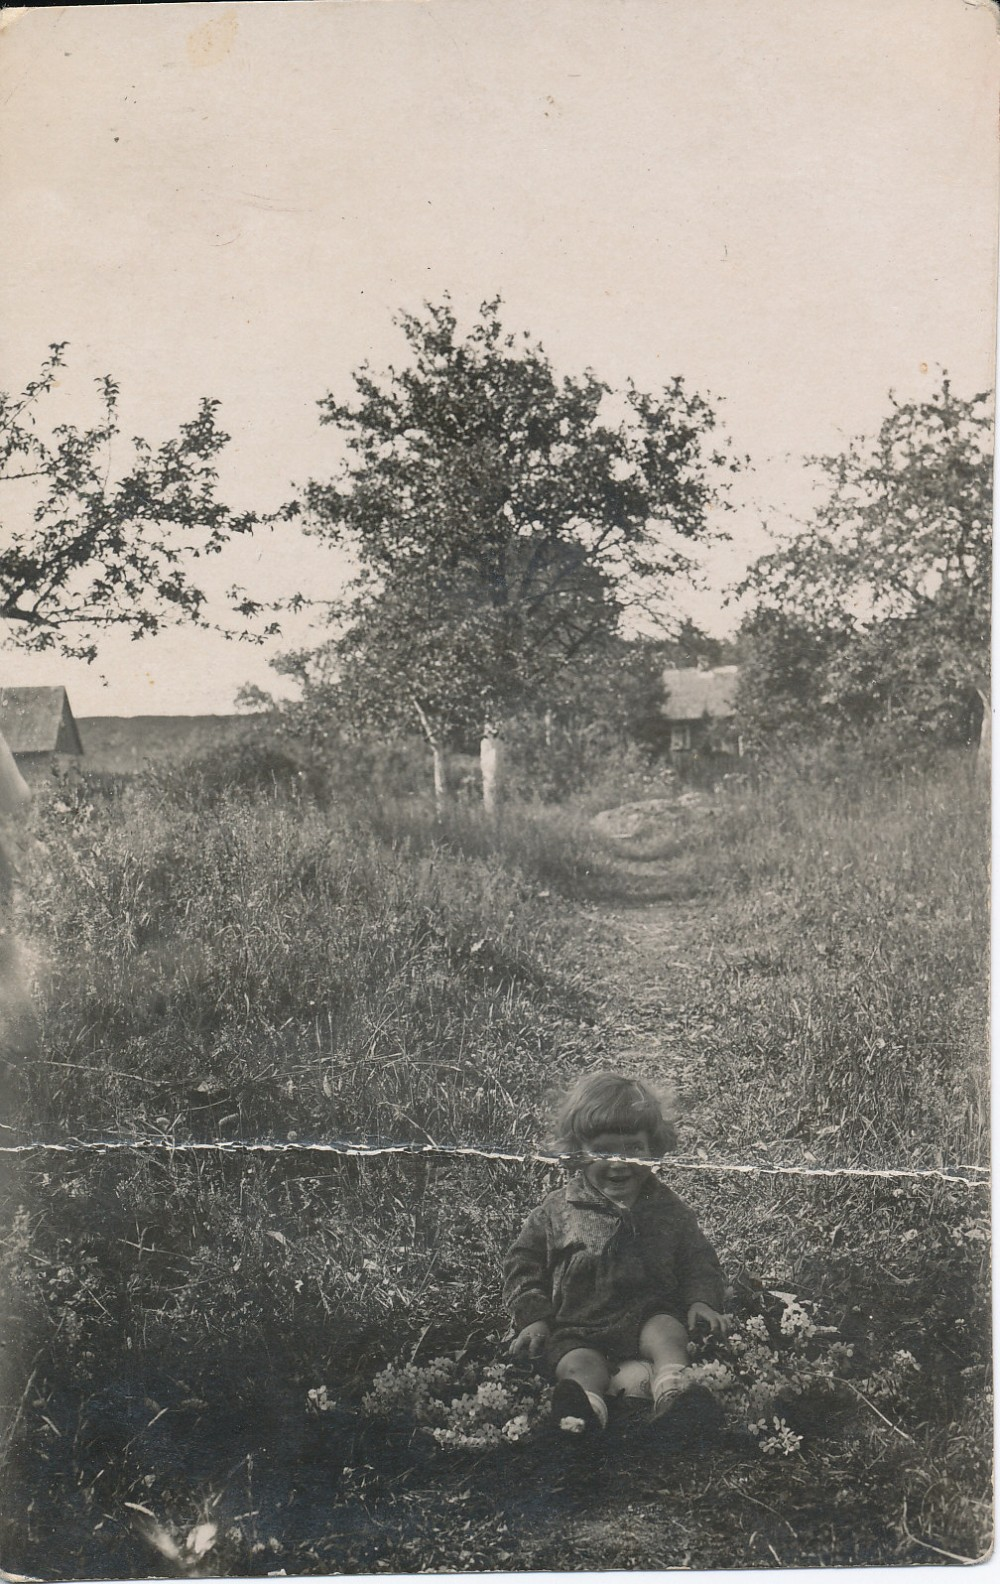 Janina (Ninia) vaikystės sode. Kaunas, 1930 m.